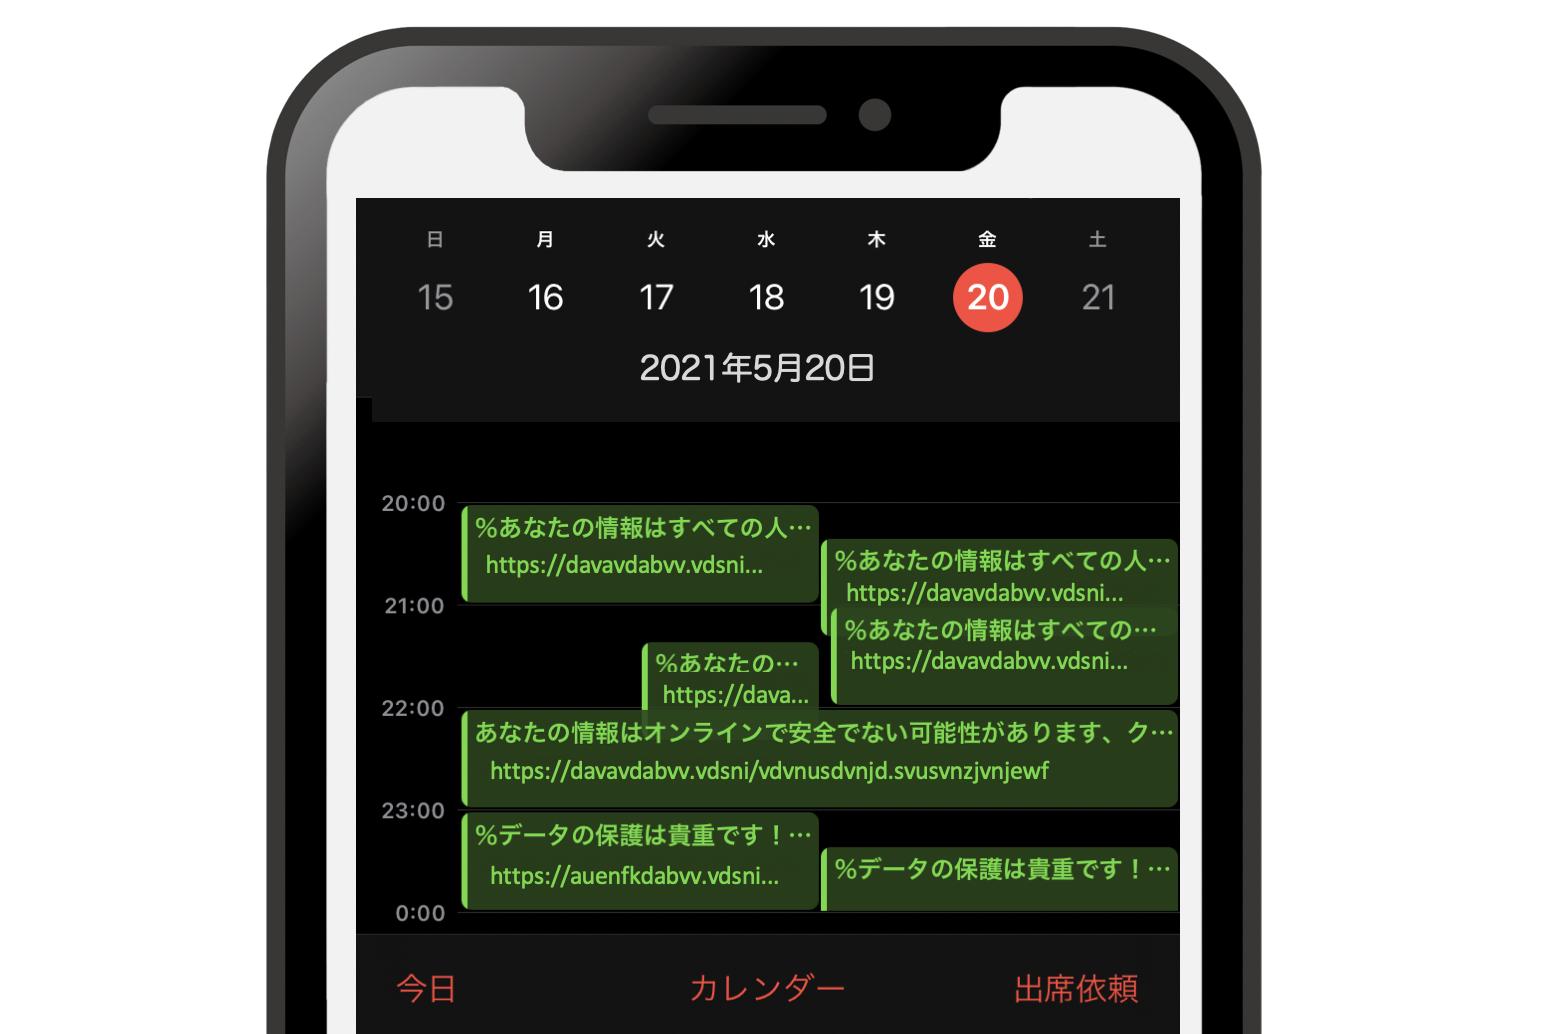 iPhoneのカレンダーに勝手に予定を書き込まれている